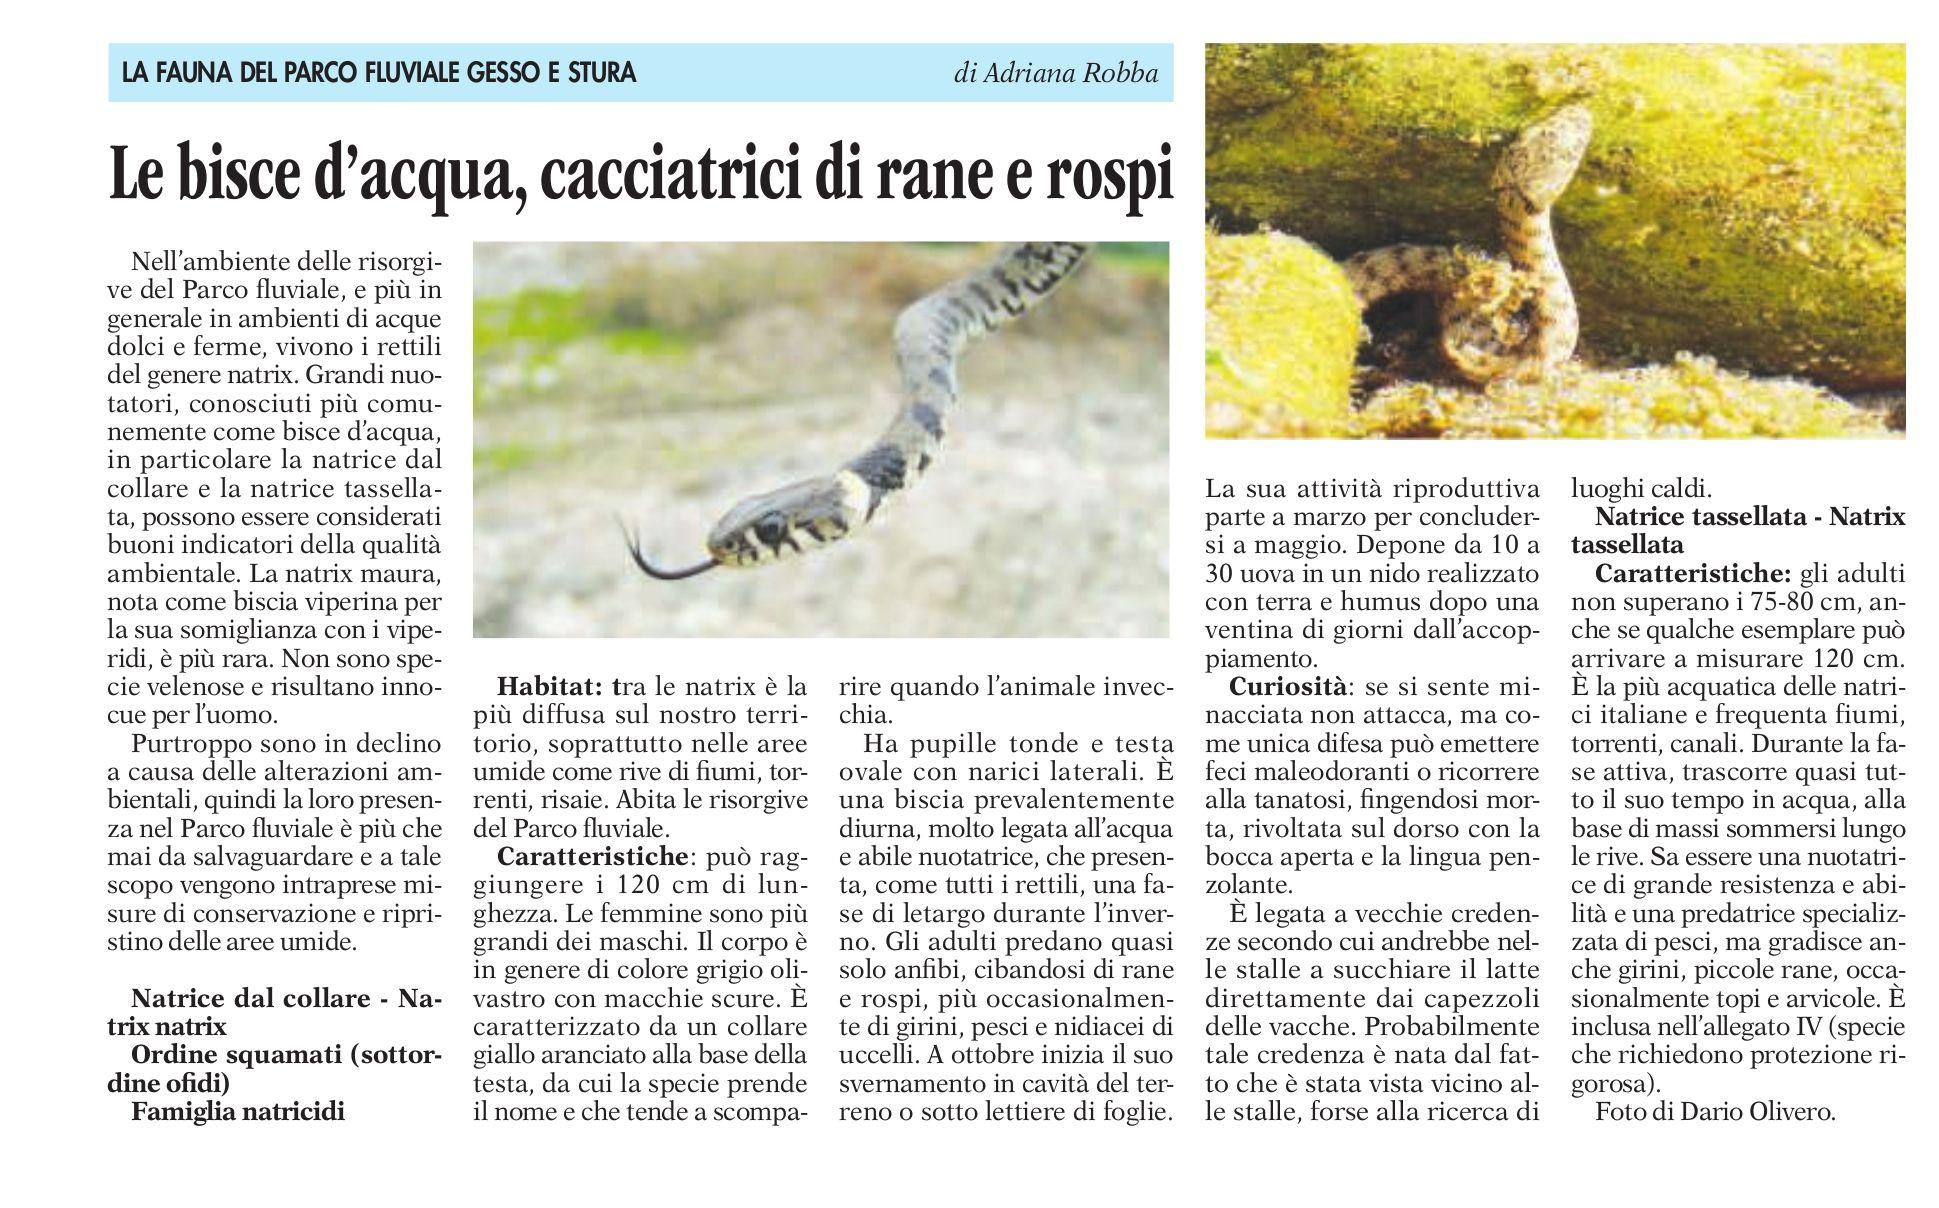 La fauna del parco fluviale articolo di Adriana Robba (La Guida 1 maggio 2015)